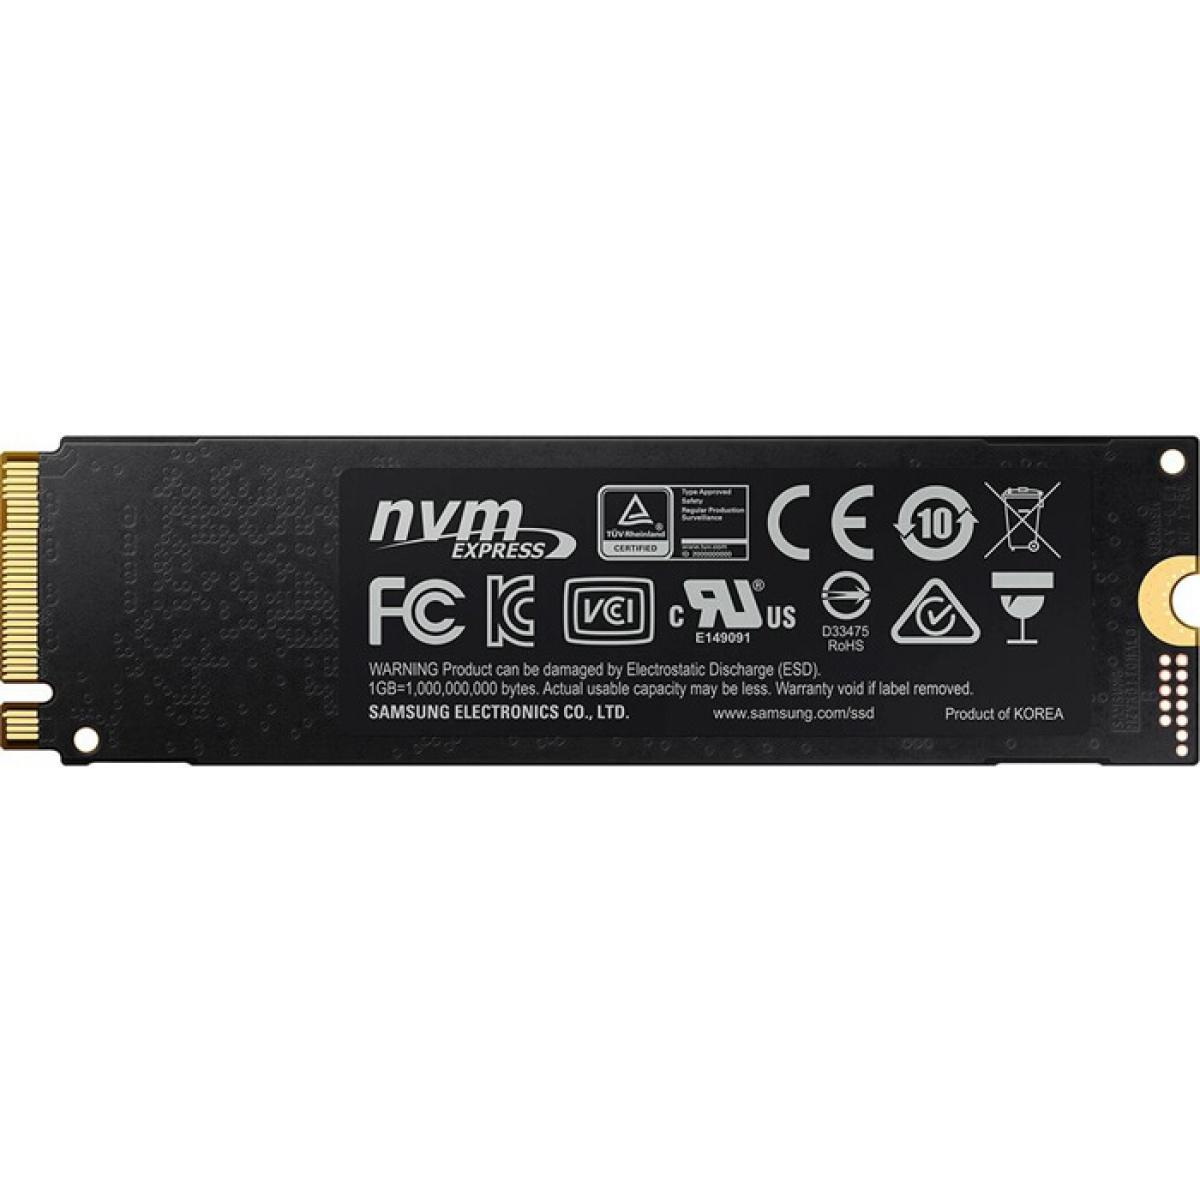 SSD Samsung 970 EVO Plus, 500GB, M.2 2280, NVMe, Leitura 3500MBs e Gravação 3200MBs, MZ-V7S500B-AM